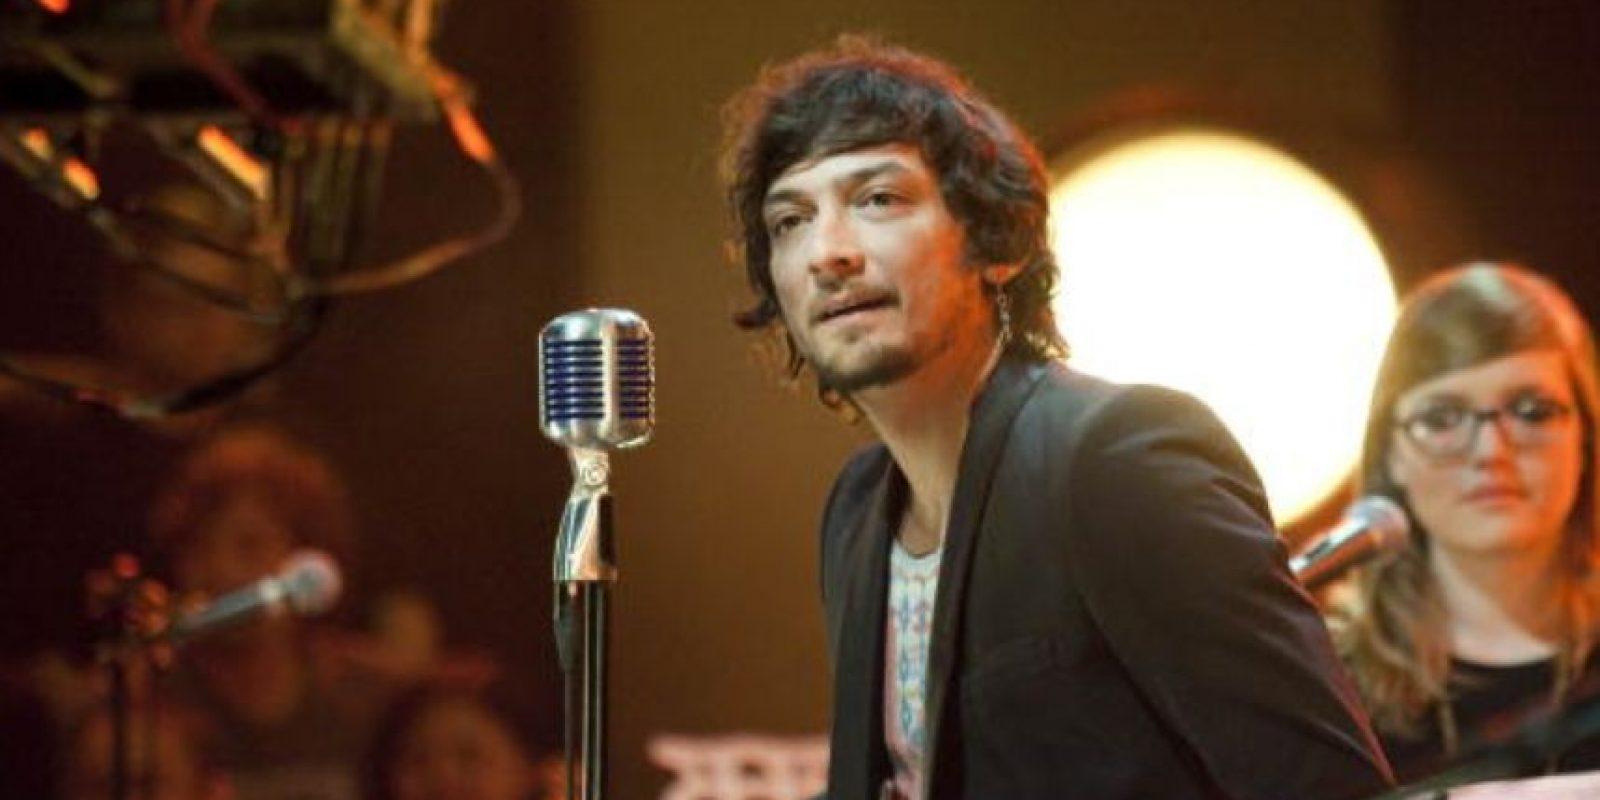 """En 2011 hicieron su exitoso """"Unplugged"""", que tuvo colaboración de artistas como Enrique Bunbury. Tuvieron varios reconocimientos por él. Foto:vía Getty Images"""